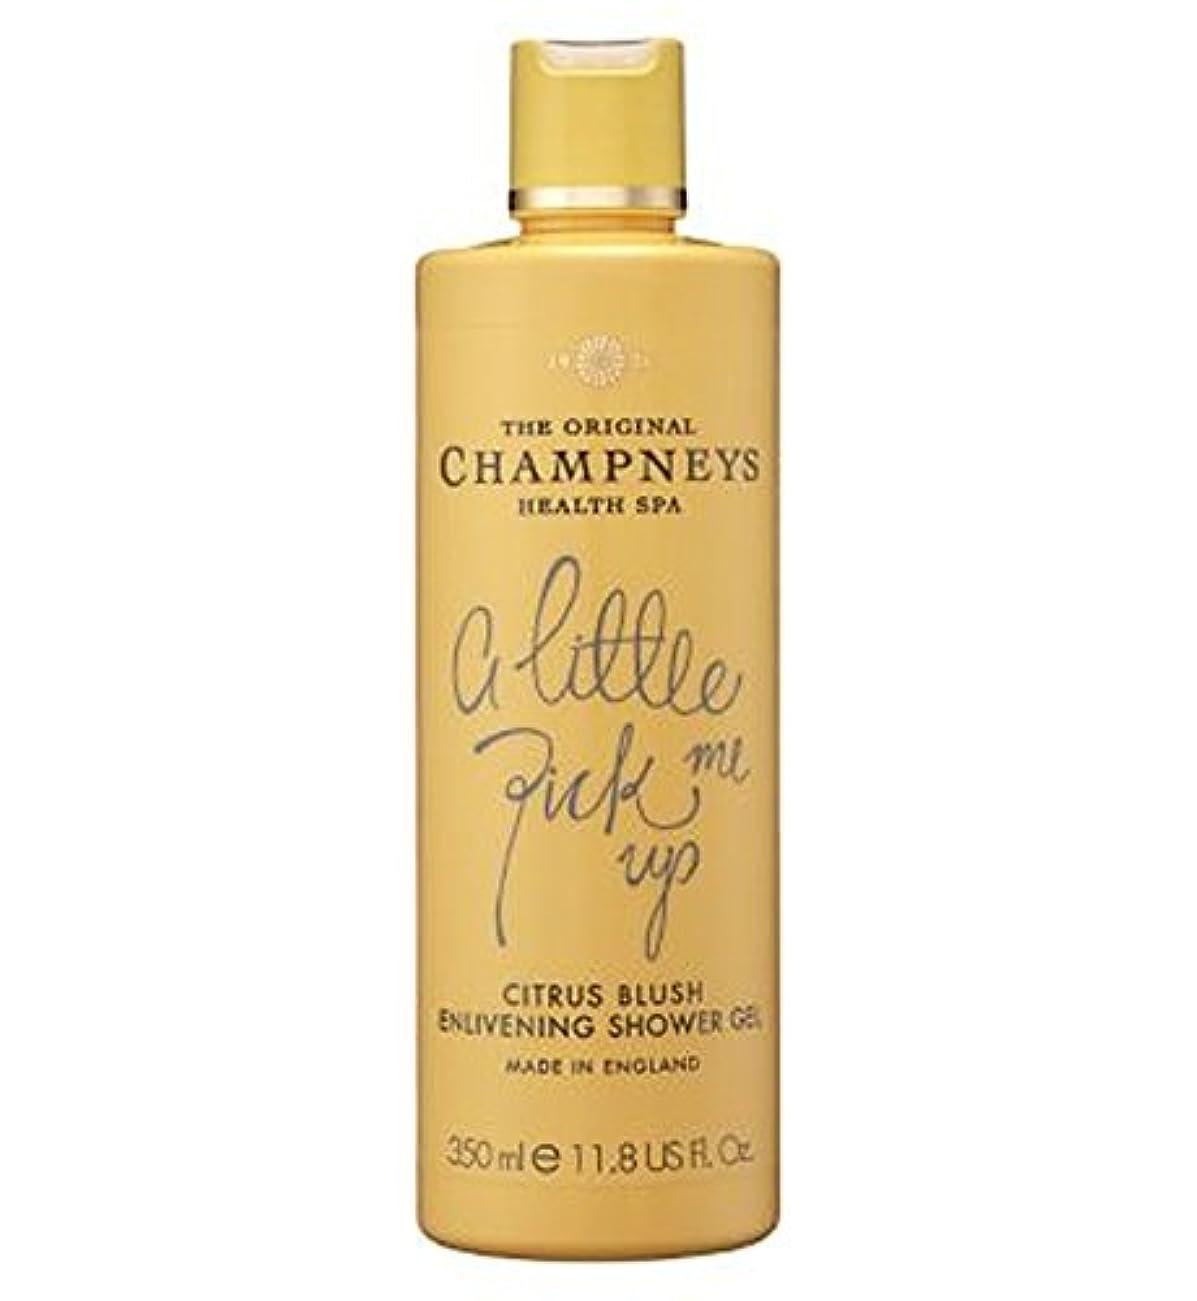 領域帝国主義回転するChampneys Citrus Blush Enlivening Shower Gel 350ml - チャンプニーズシトラス赤面盛り上げシャワージェル350ミリリットル (Champneys) [並行輸入品]